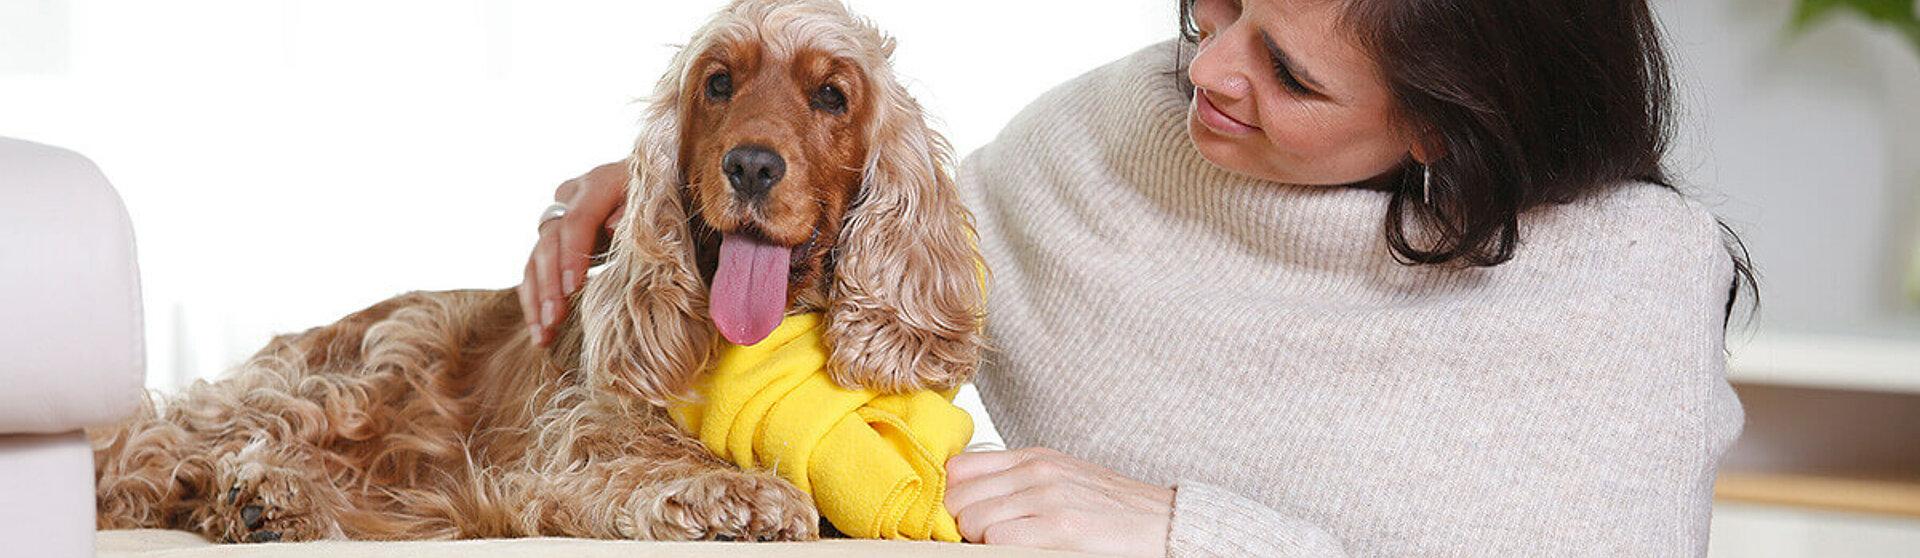 Hund mit Zwingerhusten Erkrankung.